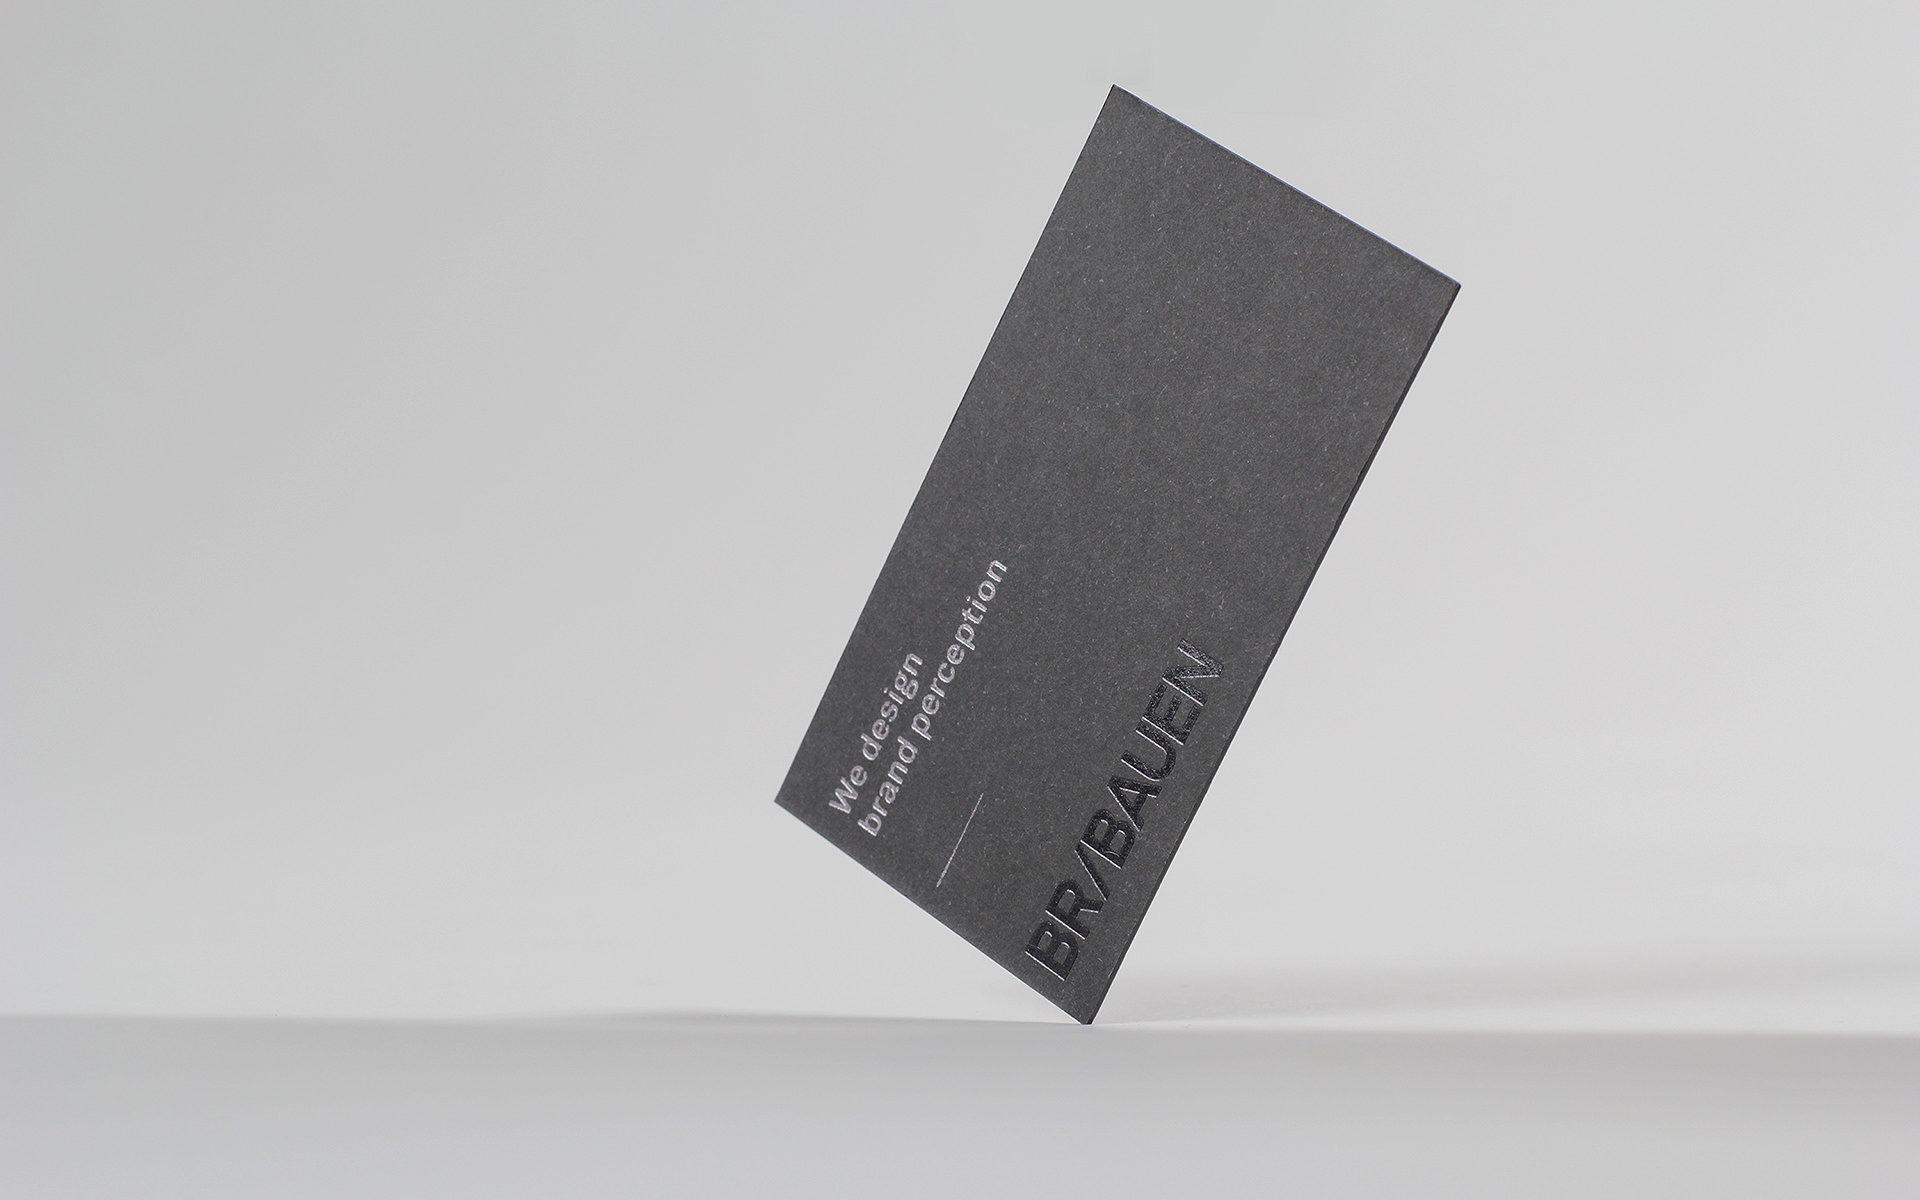 BR/BAUEN Design Studio